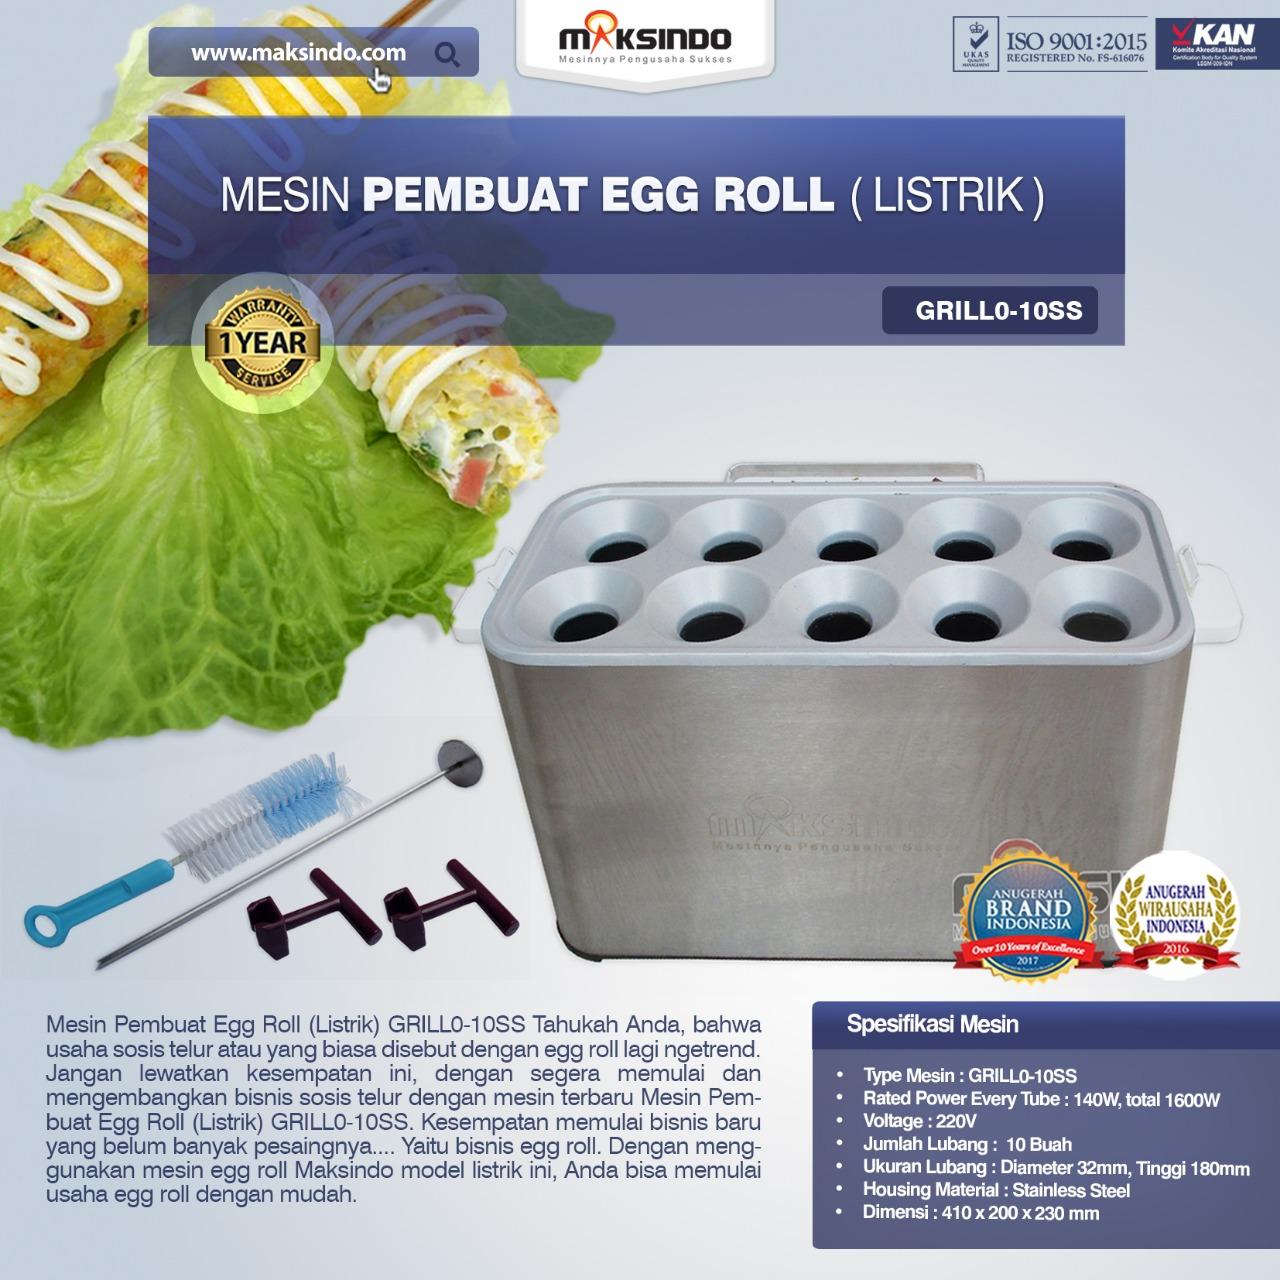 Jual Mesin Pembuat Egg Roll (Listrik) GRILLO-10SS di Blitar